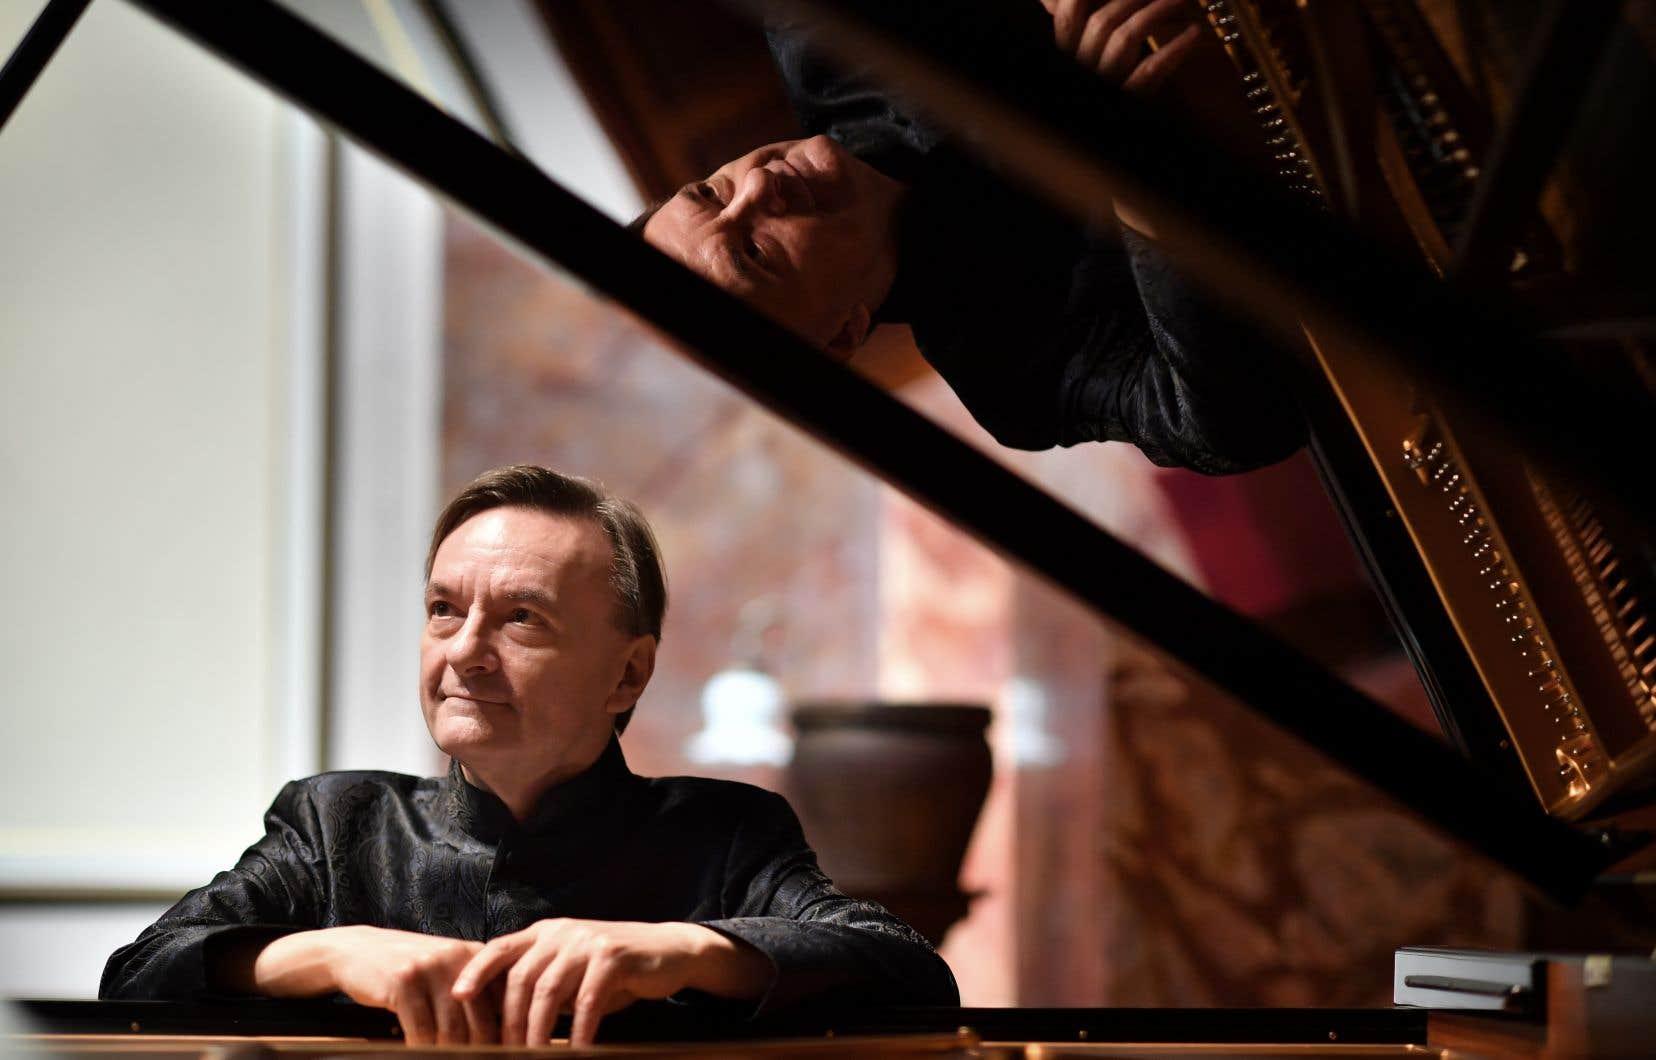 La COVID-19 a permis à des artistes de se poser pour enregistrer ce dont ils avaient toujours rêvé. Le pianiste Stephen Hough s'est par exemple plongé dans Schubert, Chopin et Schumannpour Hyperion.